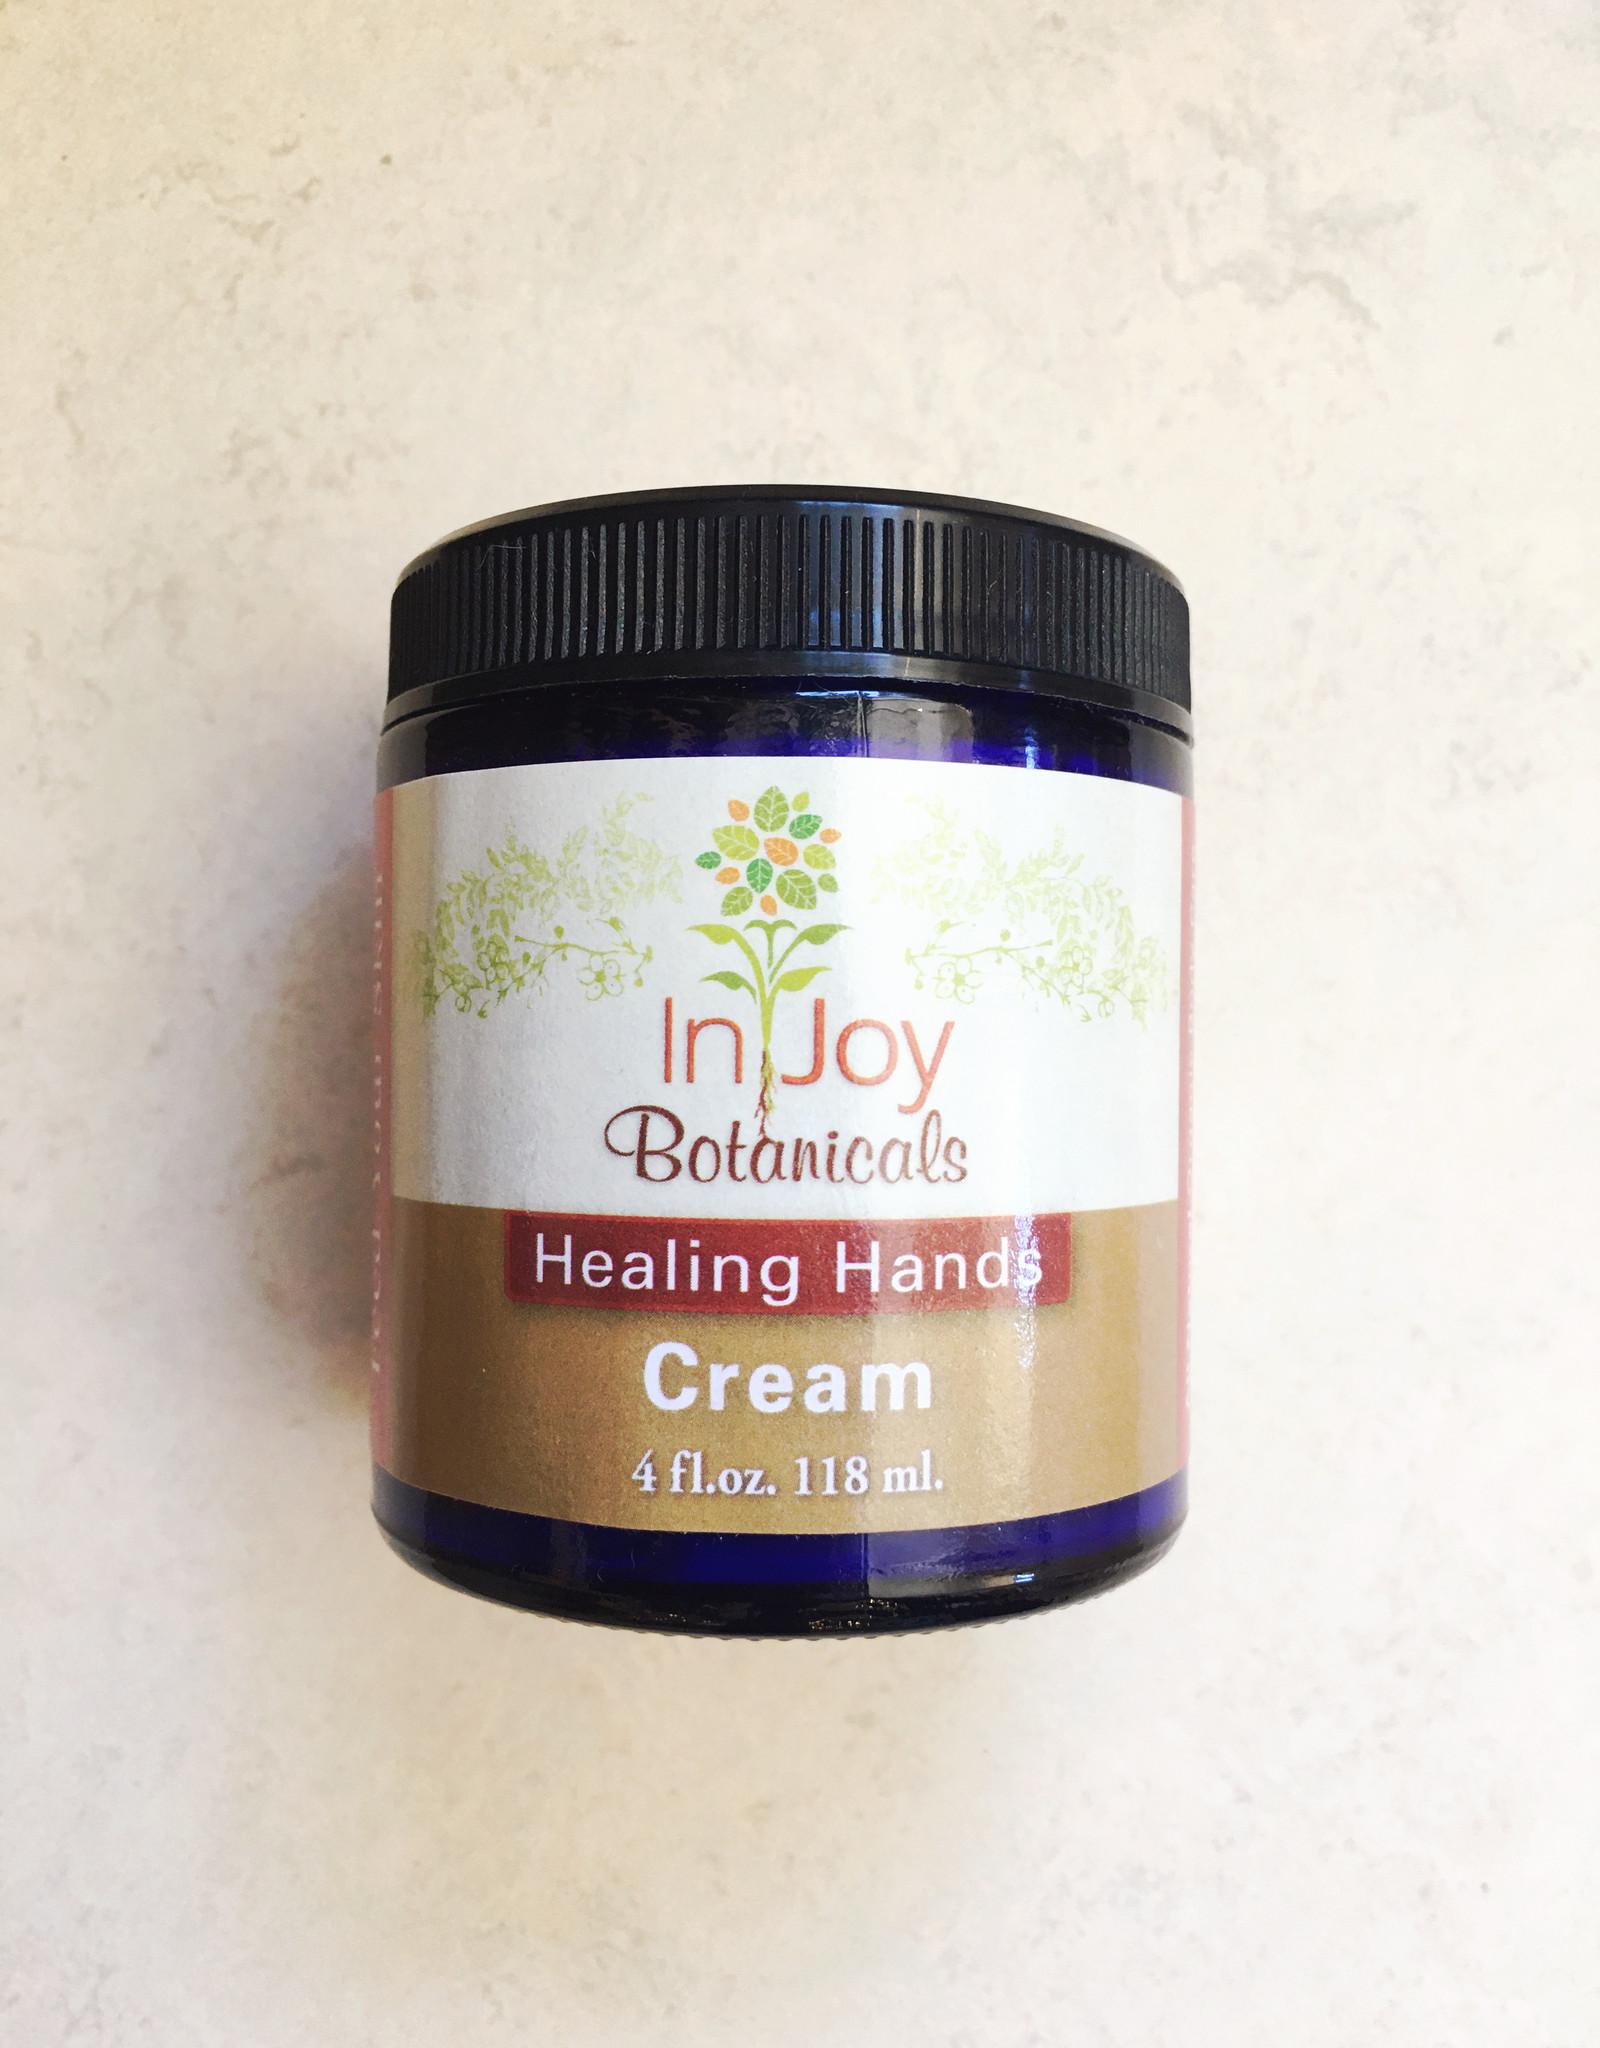 Healing Hands Cream